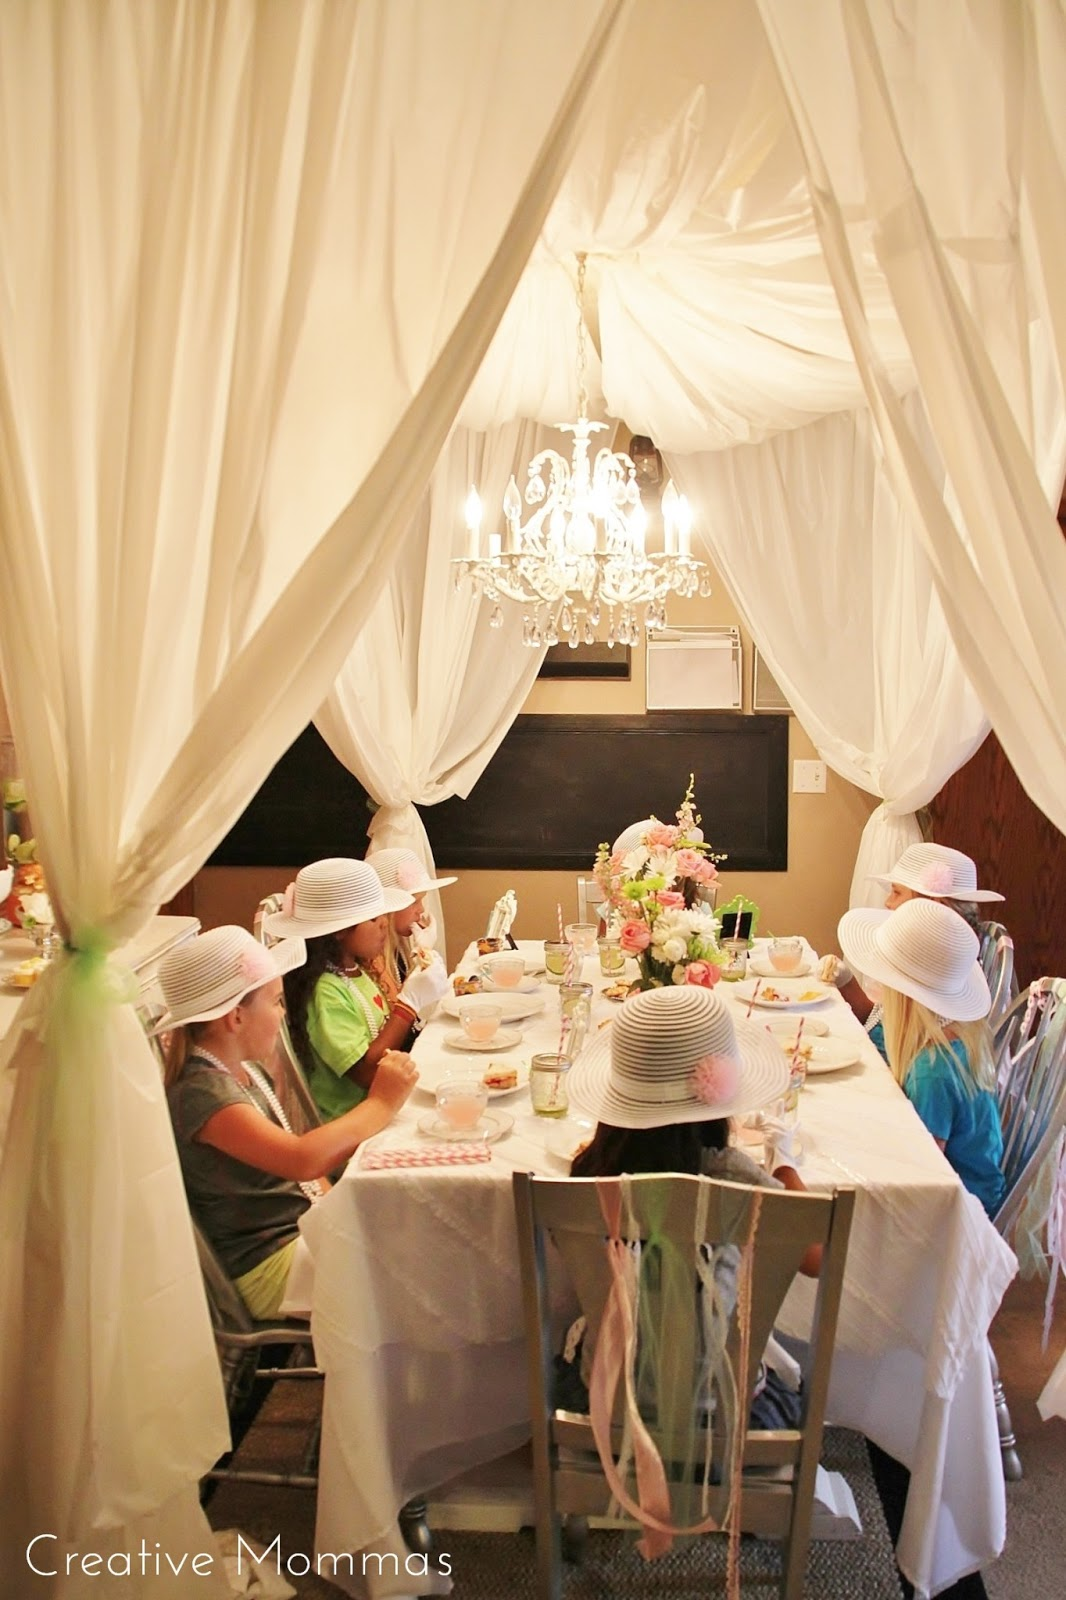 Creative Mommas Tea Party Themed Birthday Party